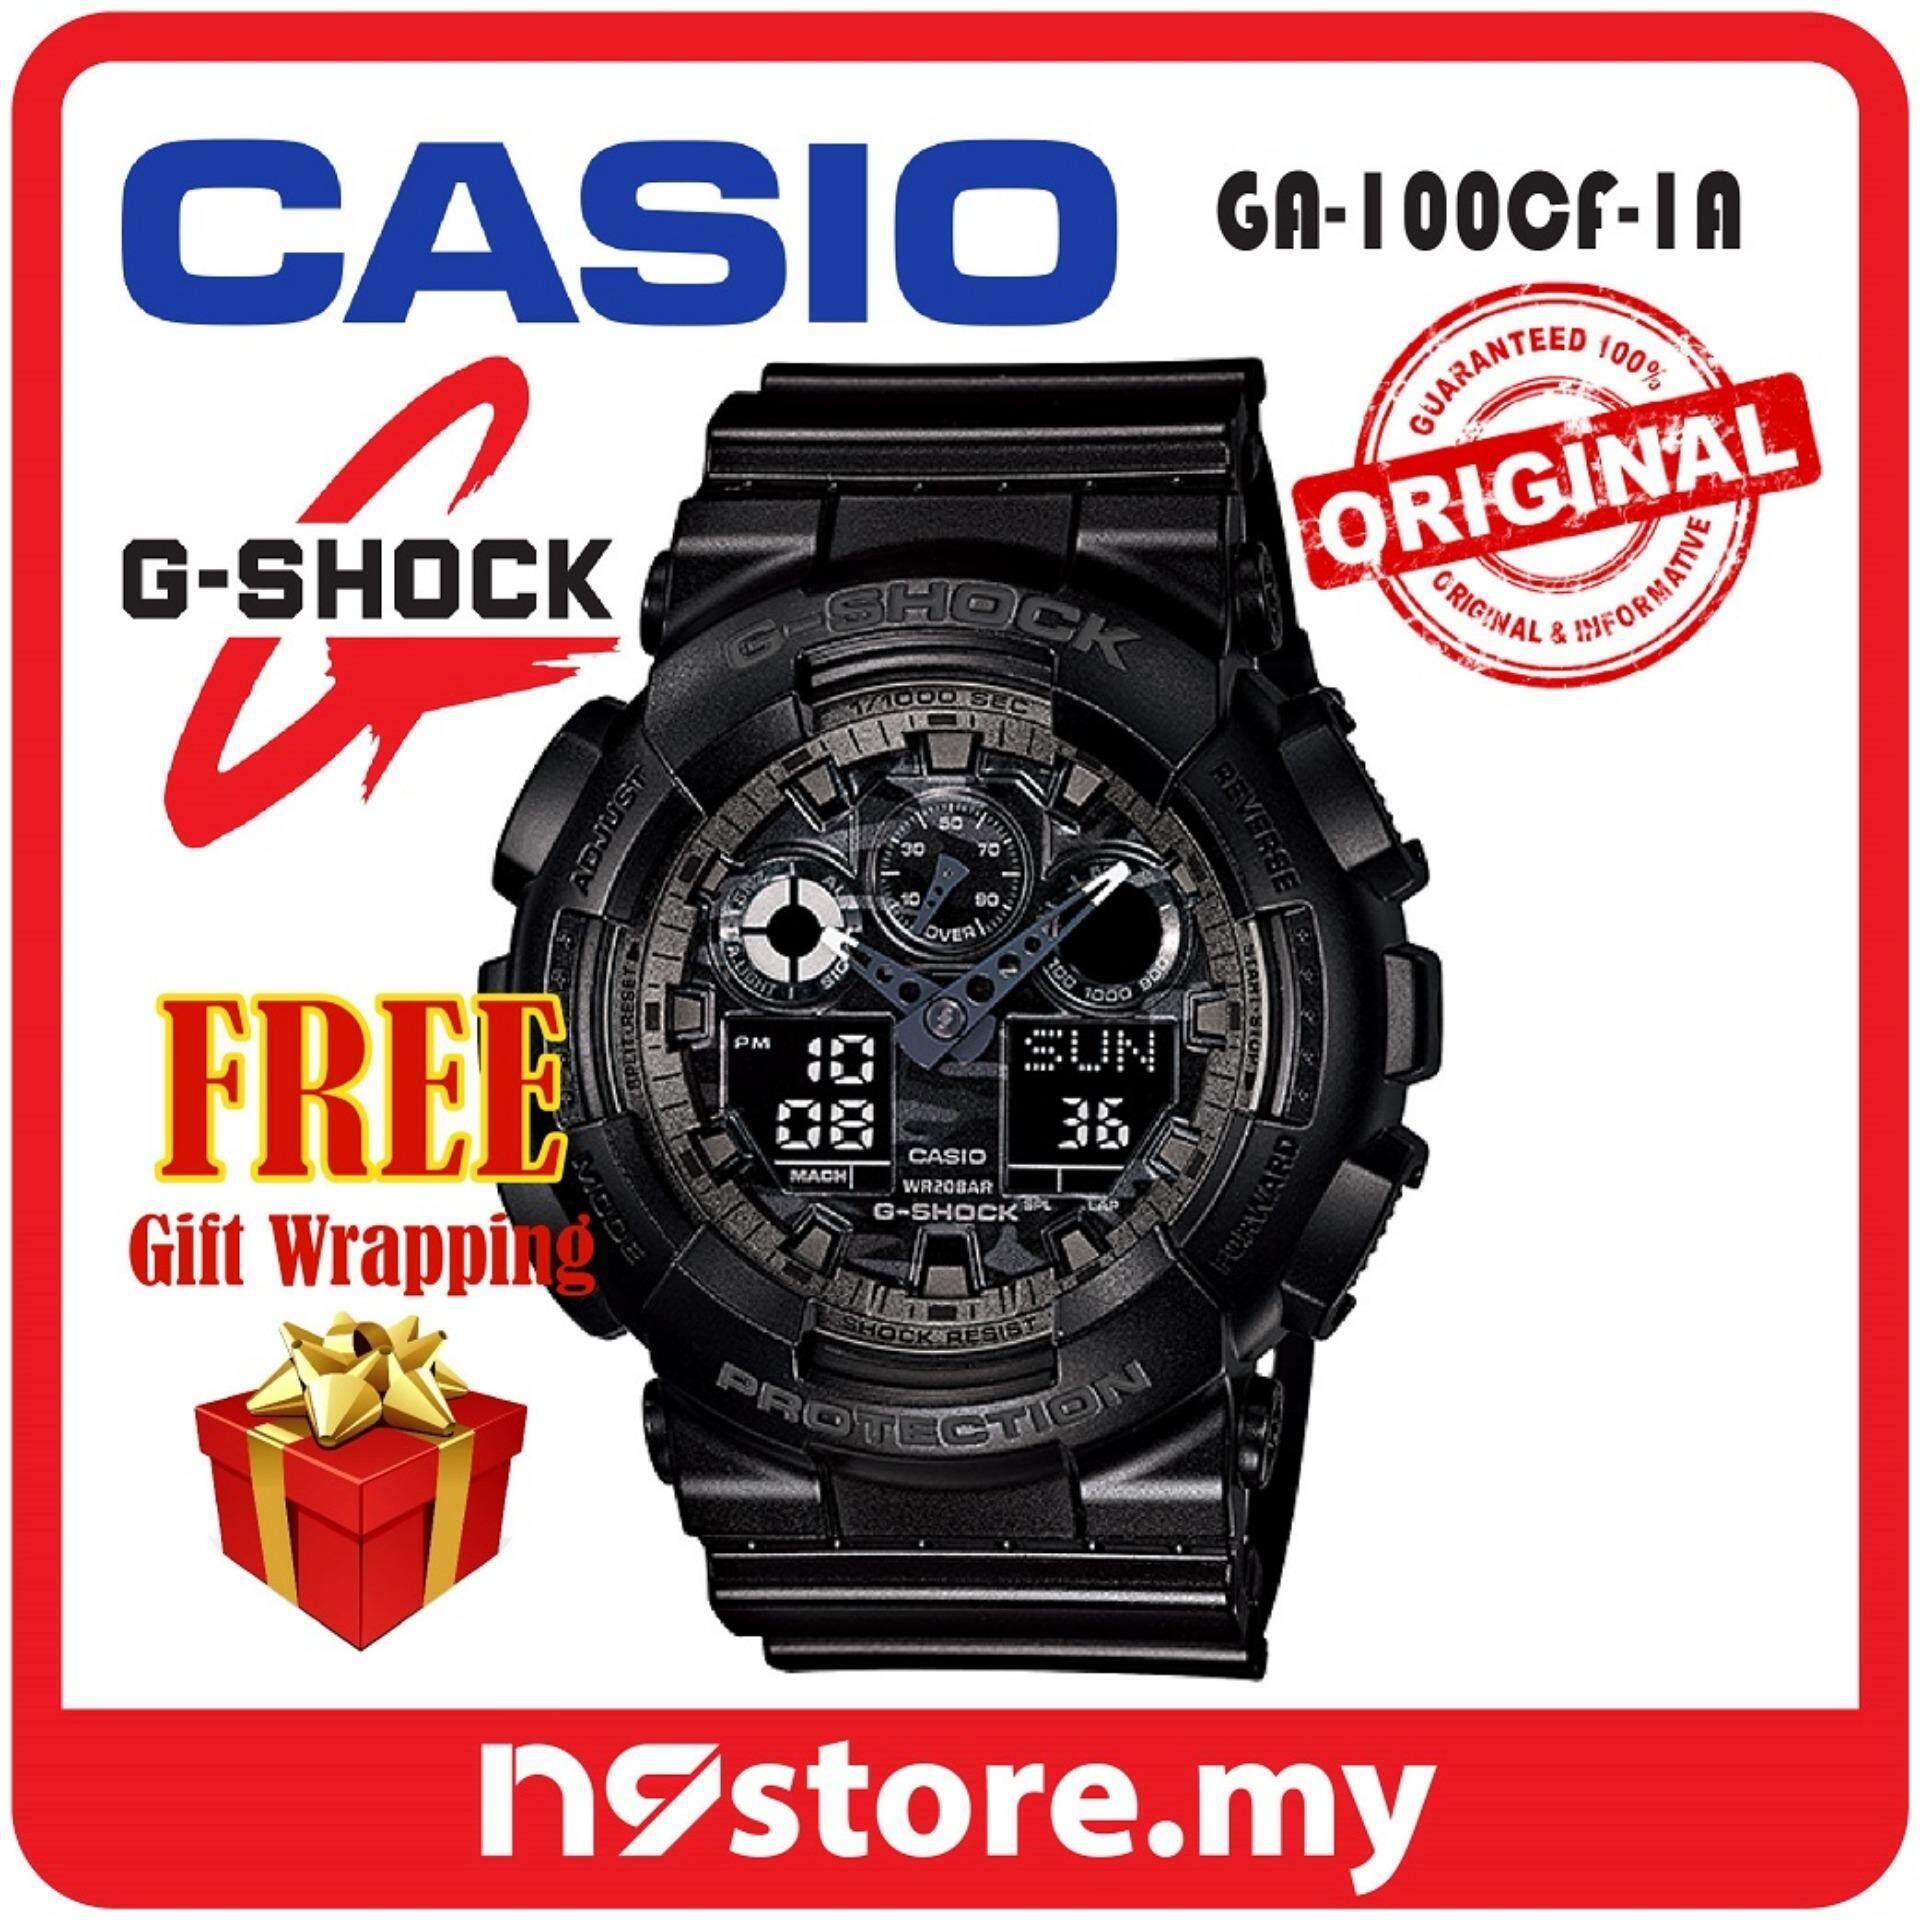 Casio G-Shock GA-100CF-1A Analog Digital Sports Watch